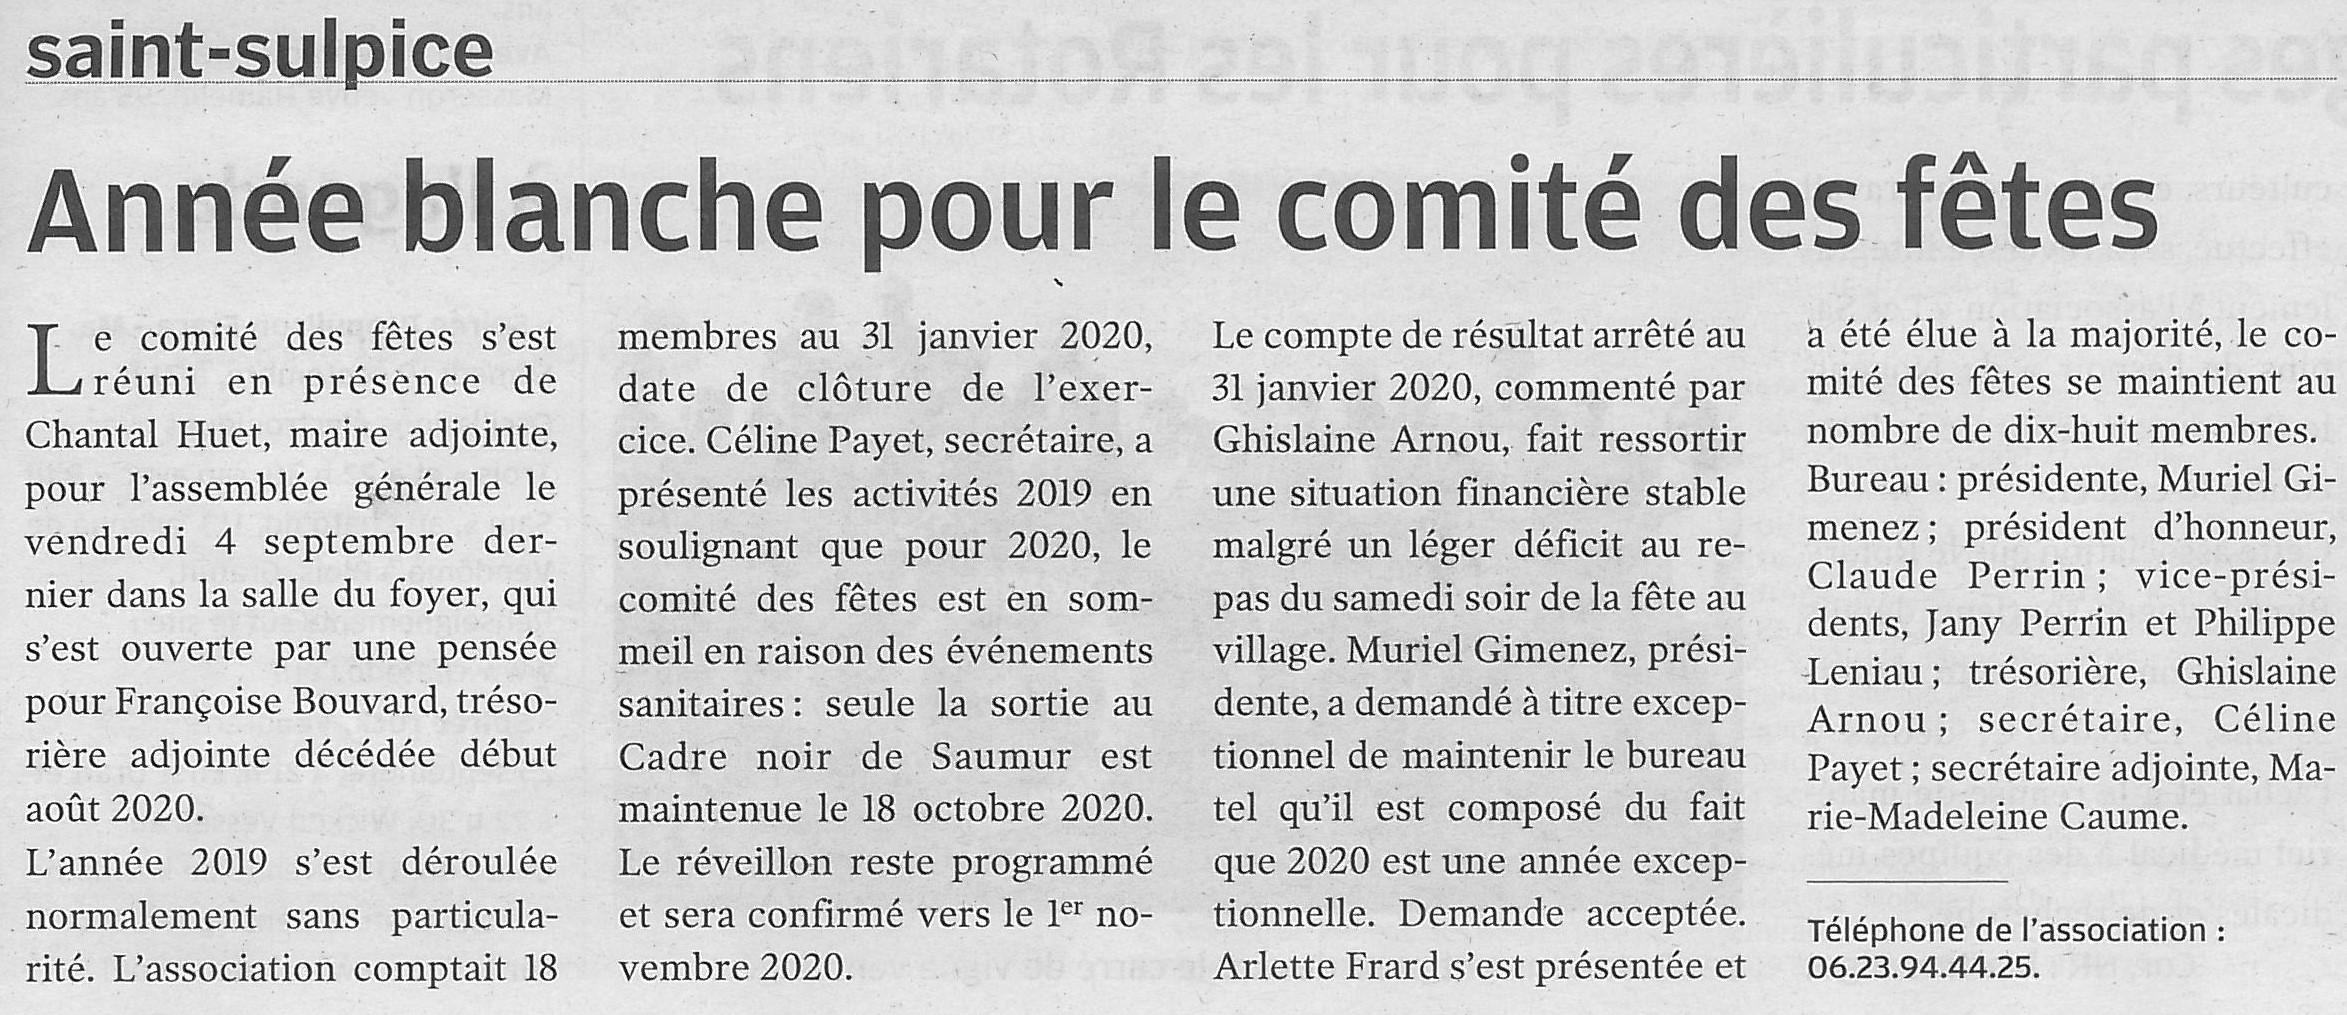 Article NR du 18/09/2020